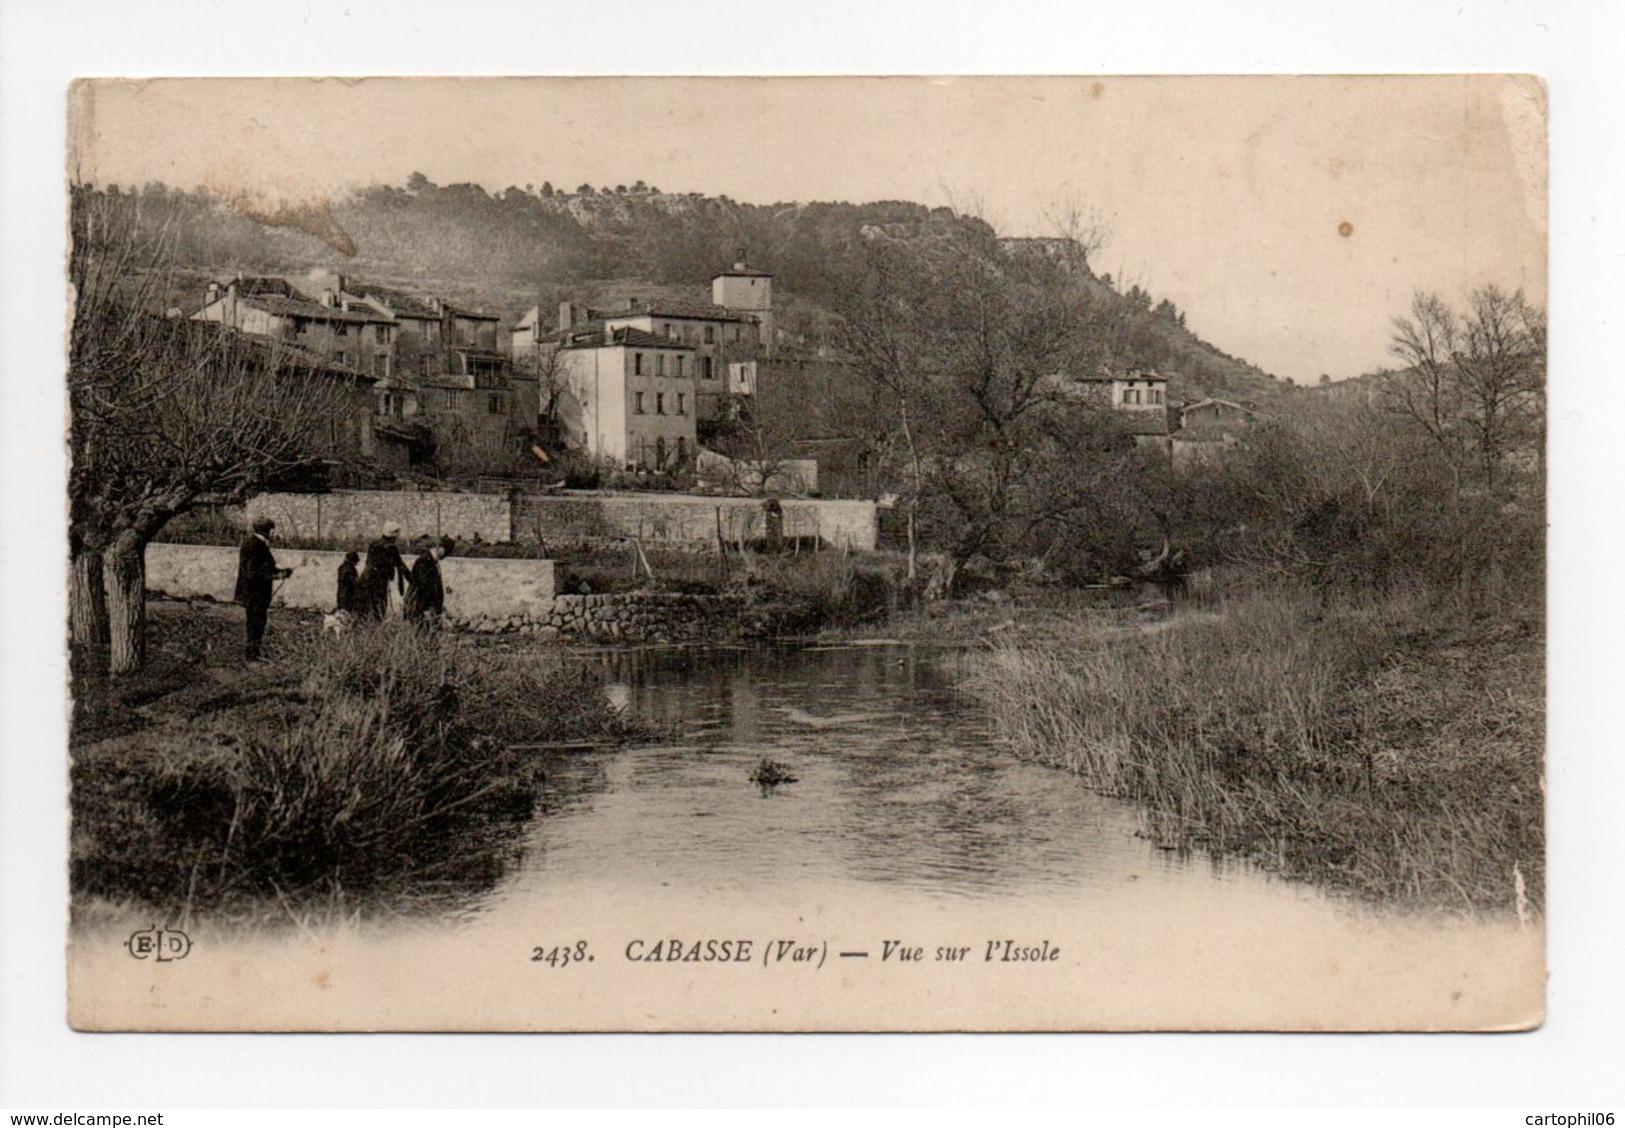 - CPA CABASSE (83) - Vue Sur L'Issole - Edition Le Deley 2438 - - France